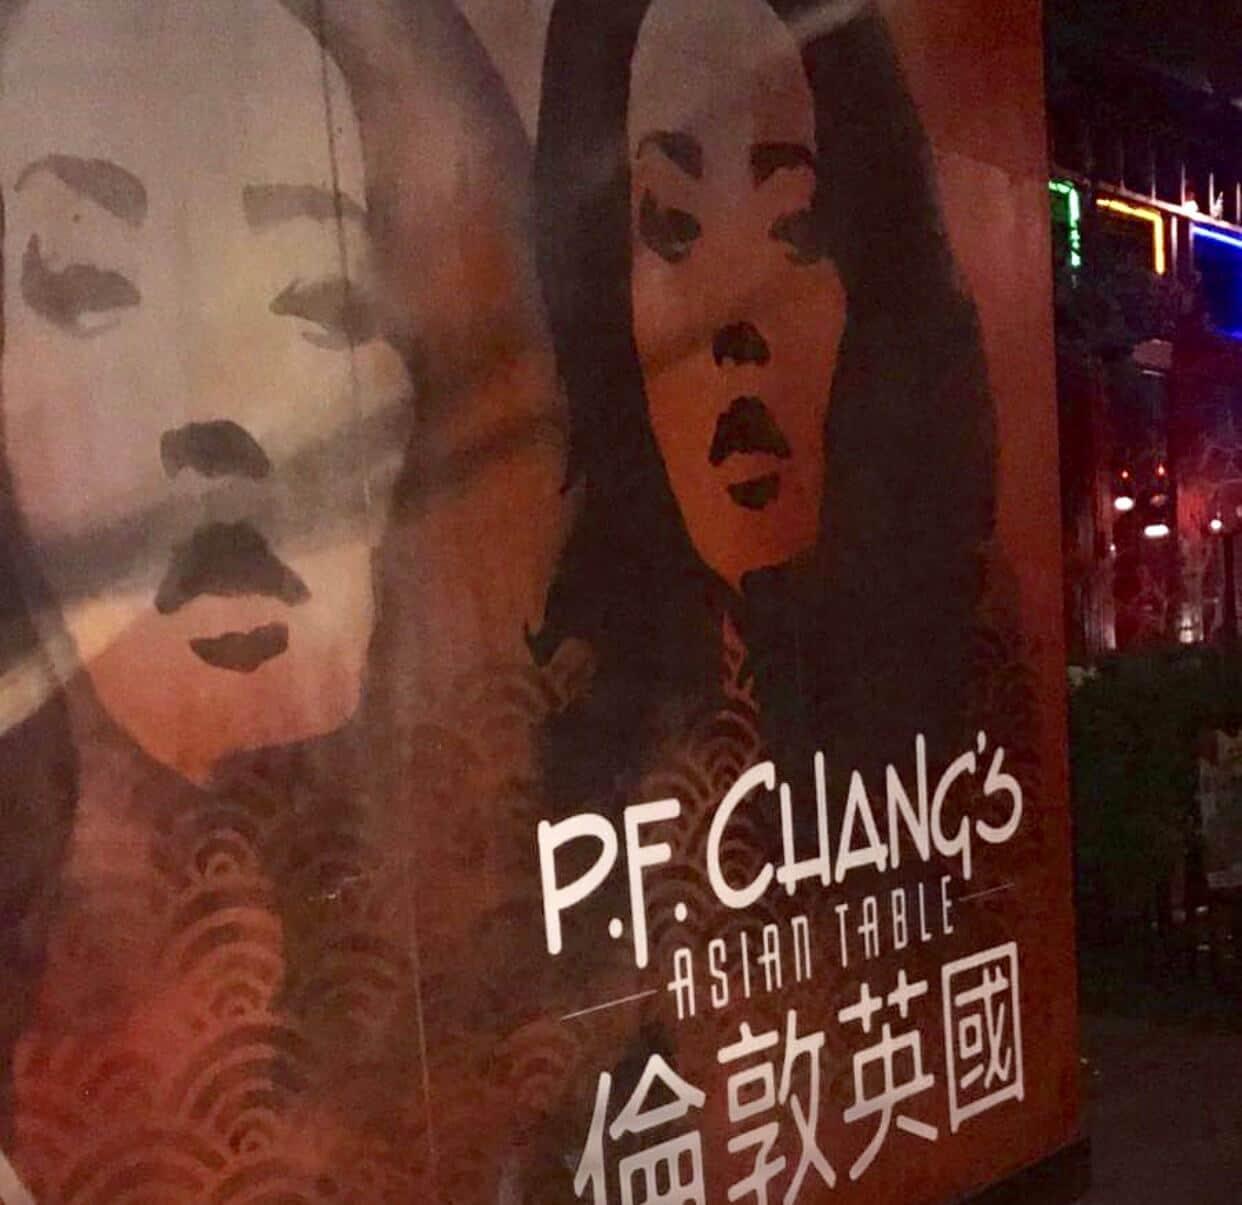 PF changs poster art